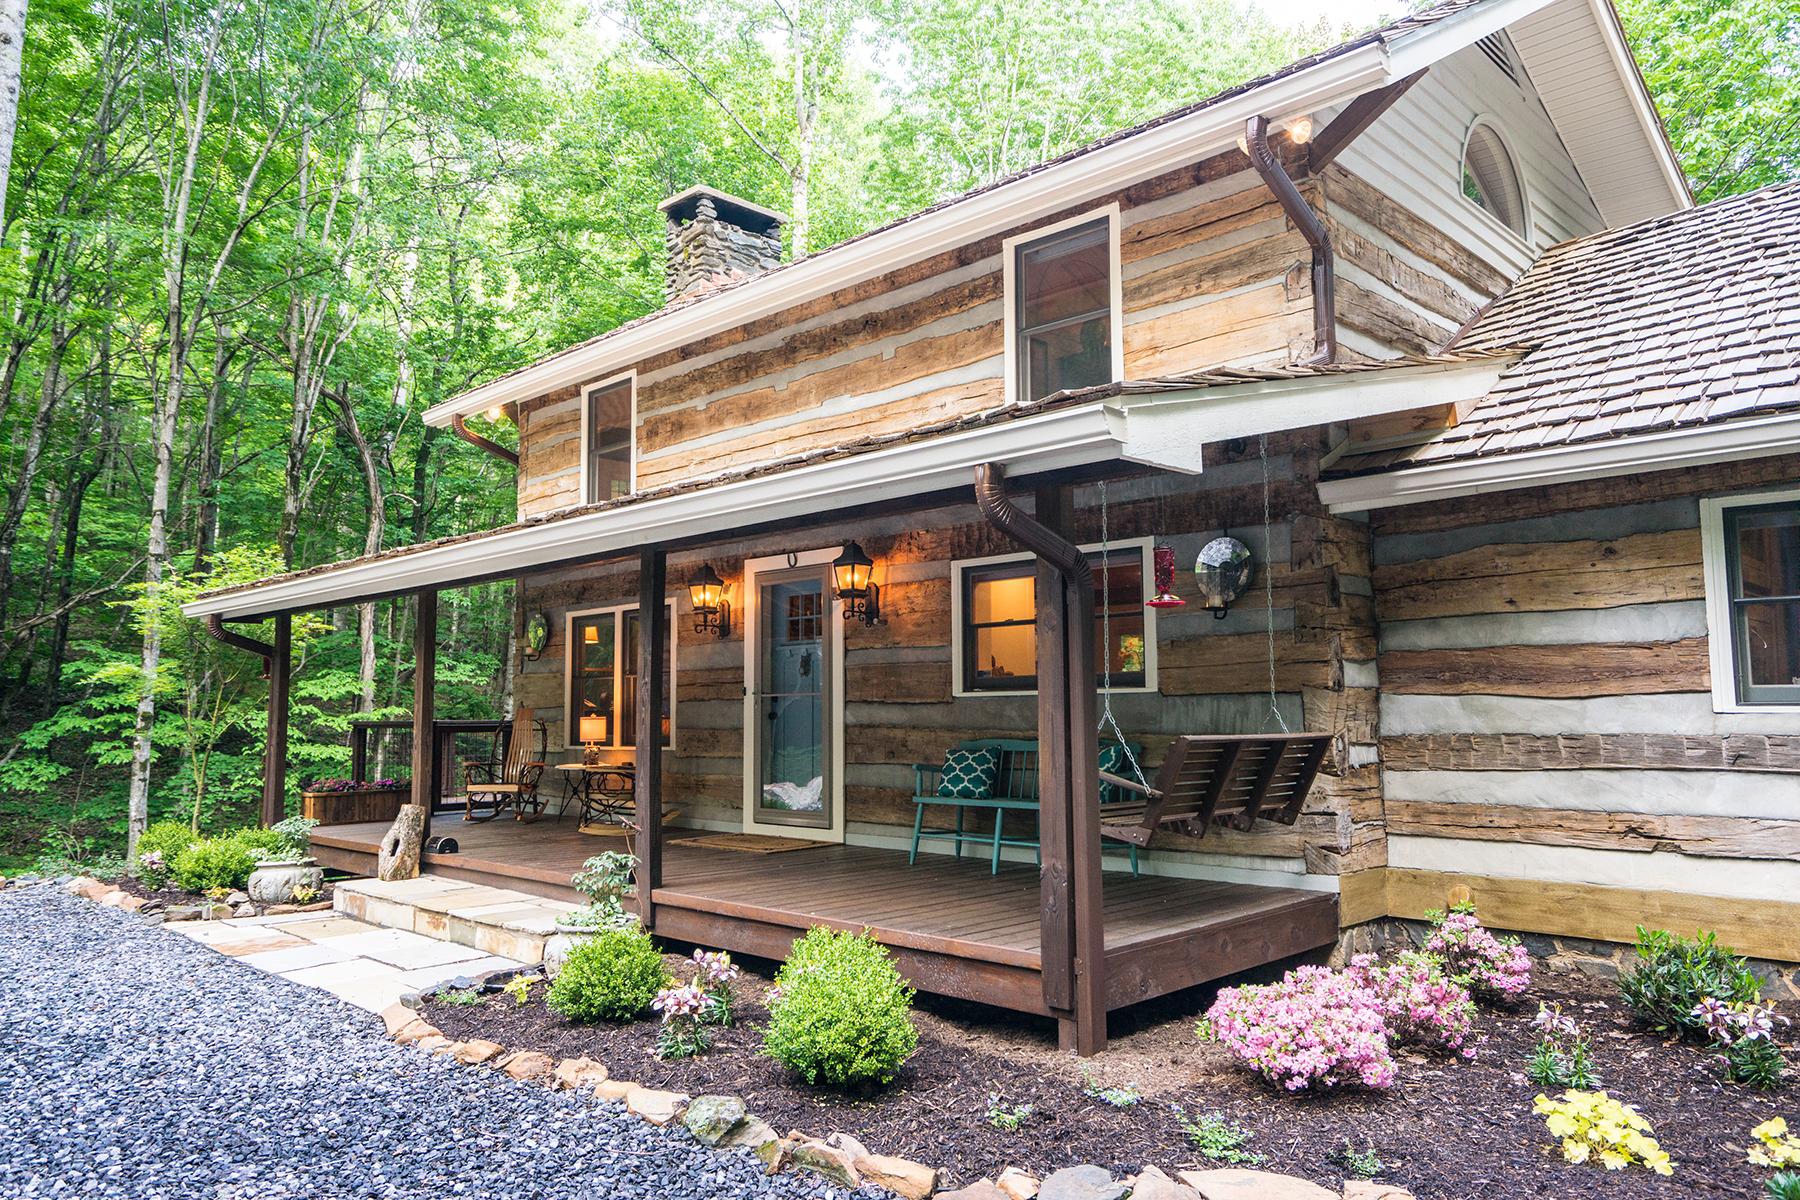 獨棟家庭住宅 為 出售 在 TODD - STONEBRIDGE 219 Falls Creek Road Rd Todd, 北卡羅來納州, 28684 美國